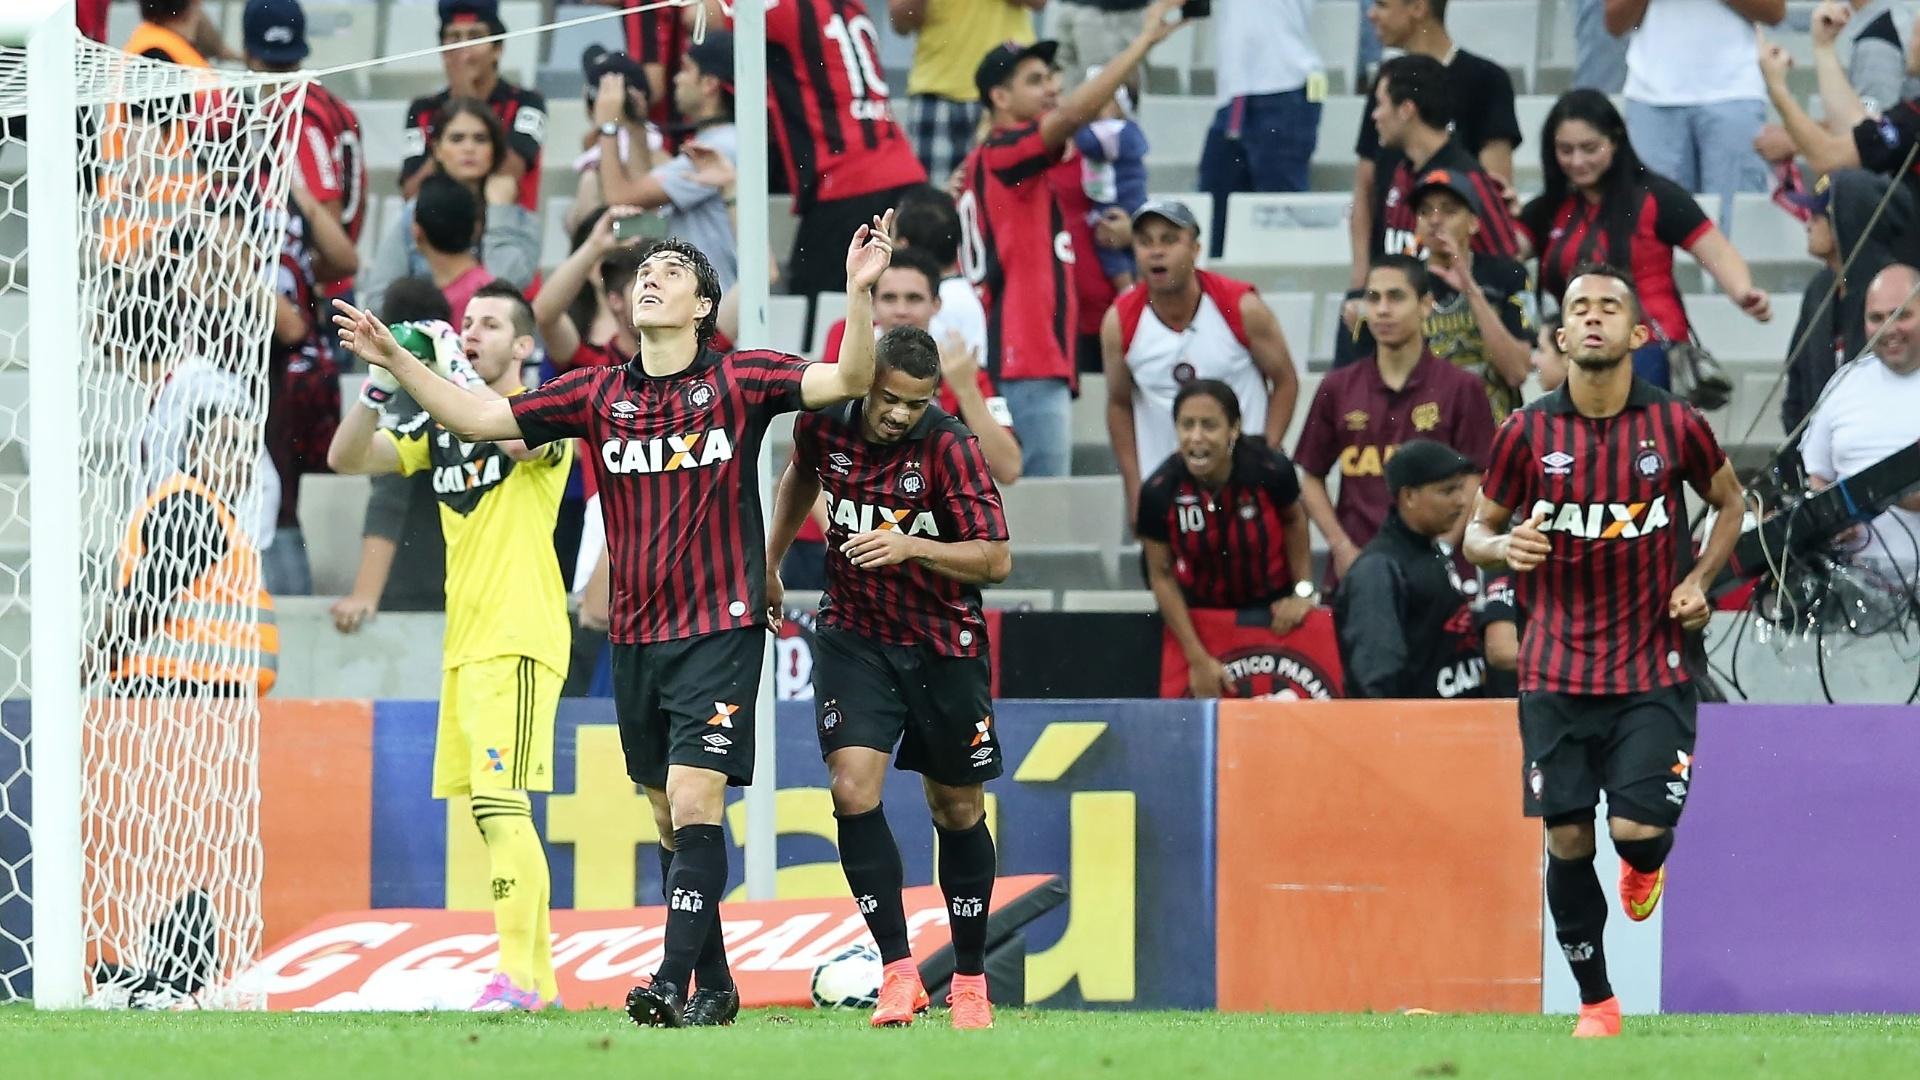 Gols de Cléo asseguraram resultado para o Atlético-PR diante do Flamengo